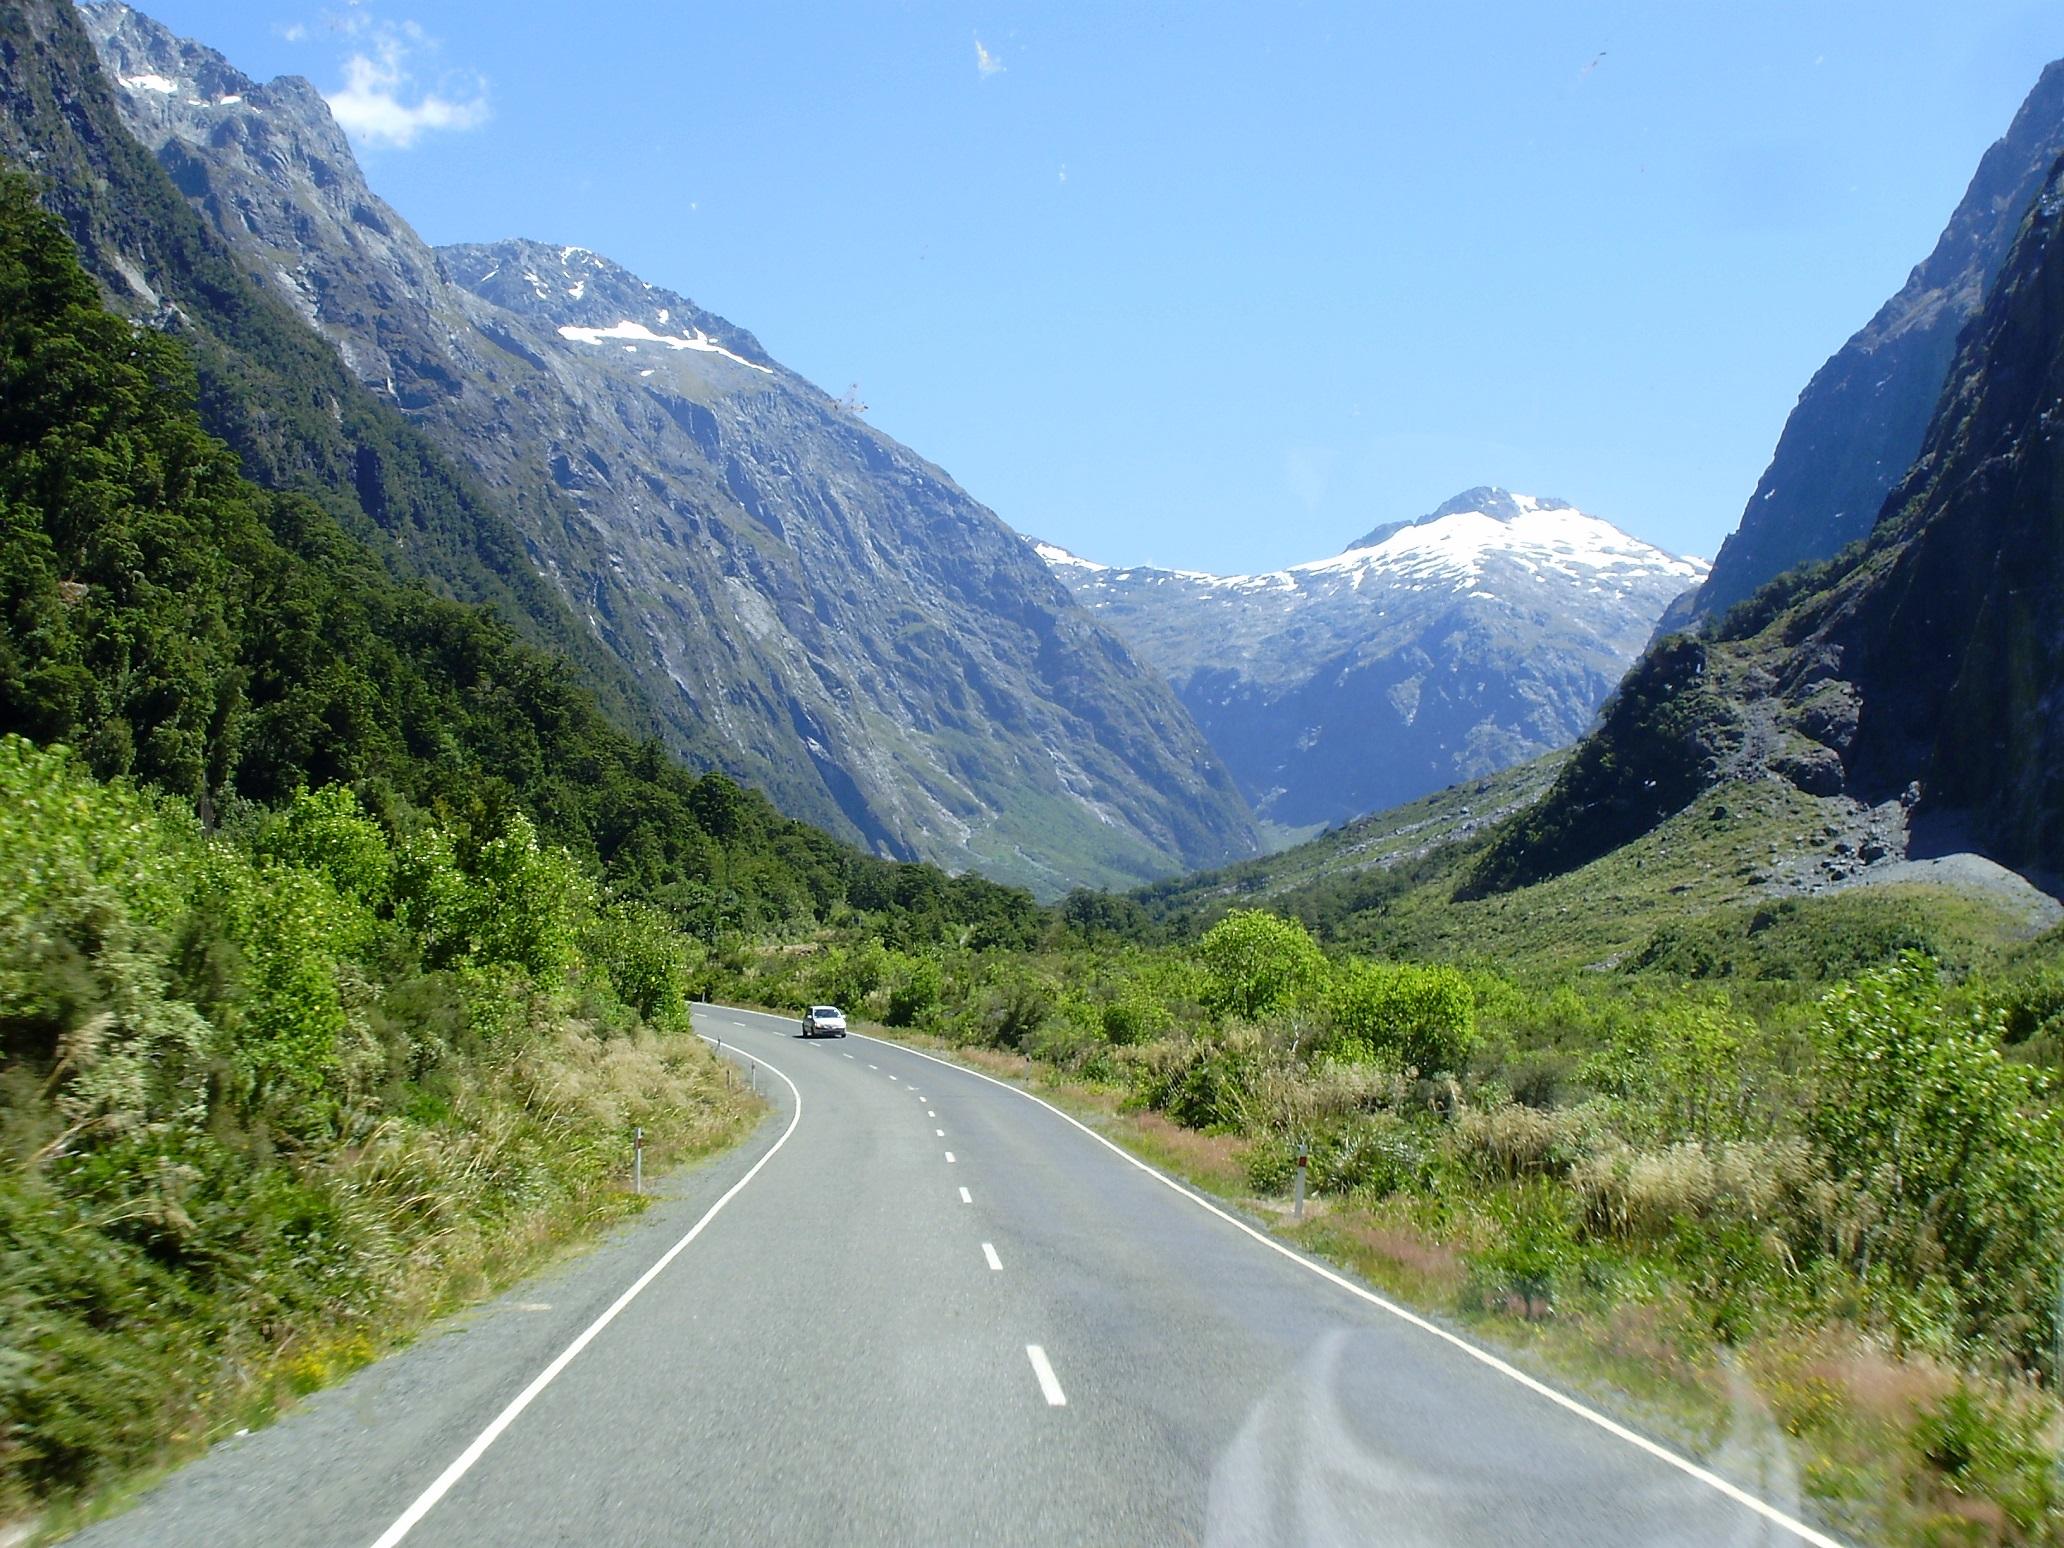 Recorriendo Fjorland National Park en Nueva Zelanda.